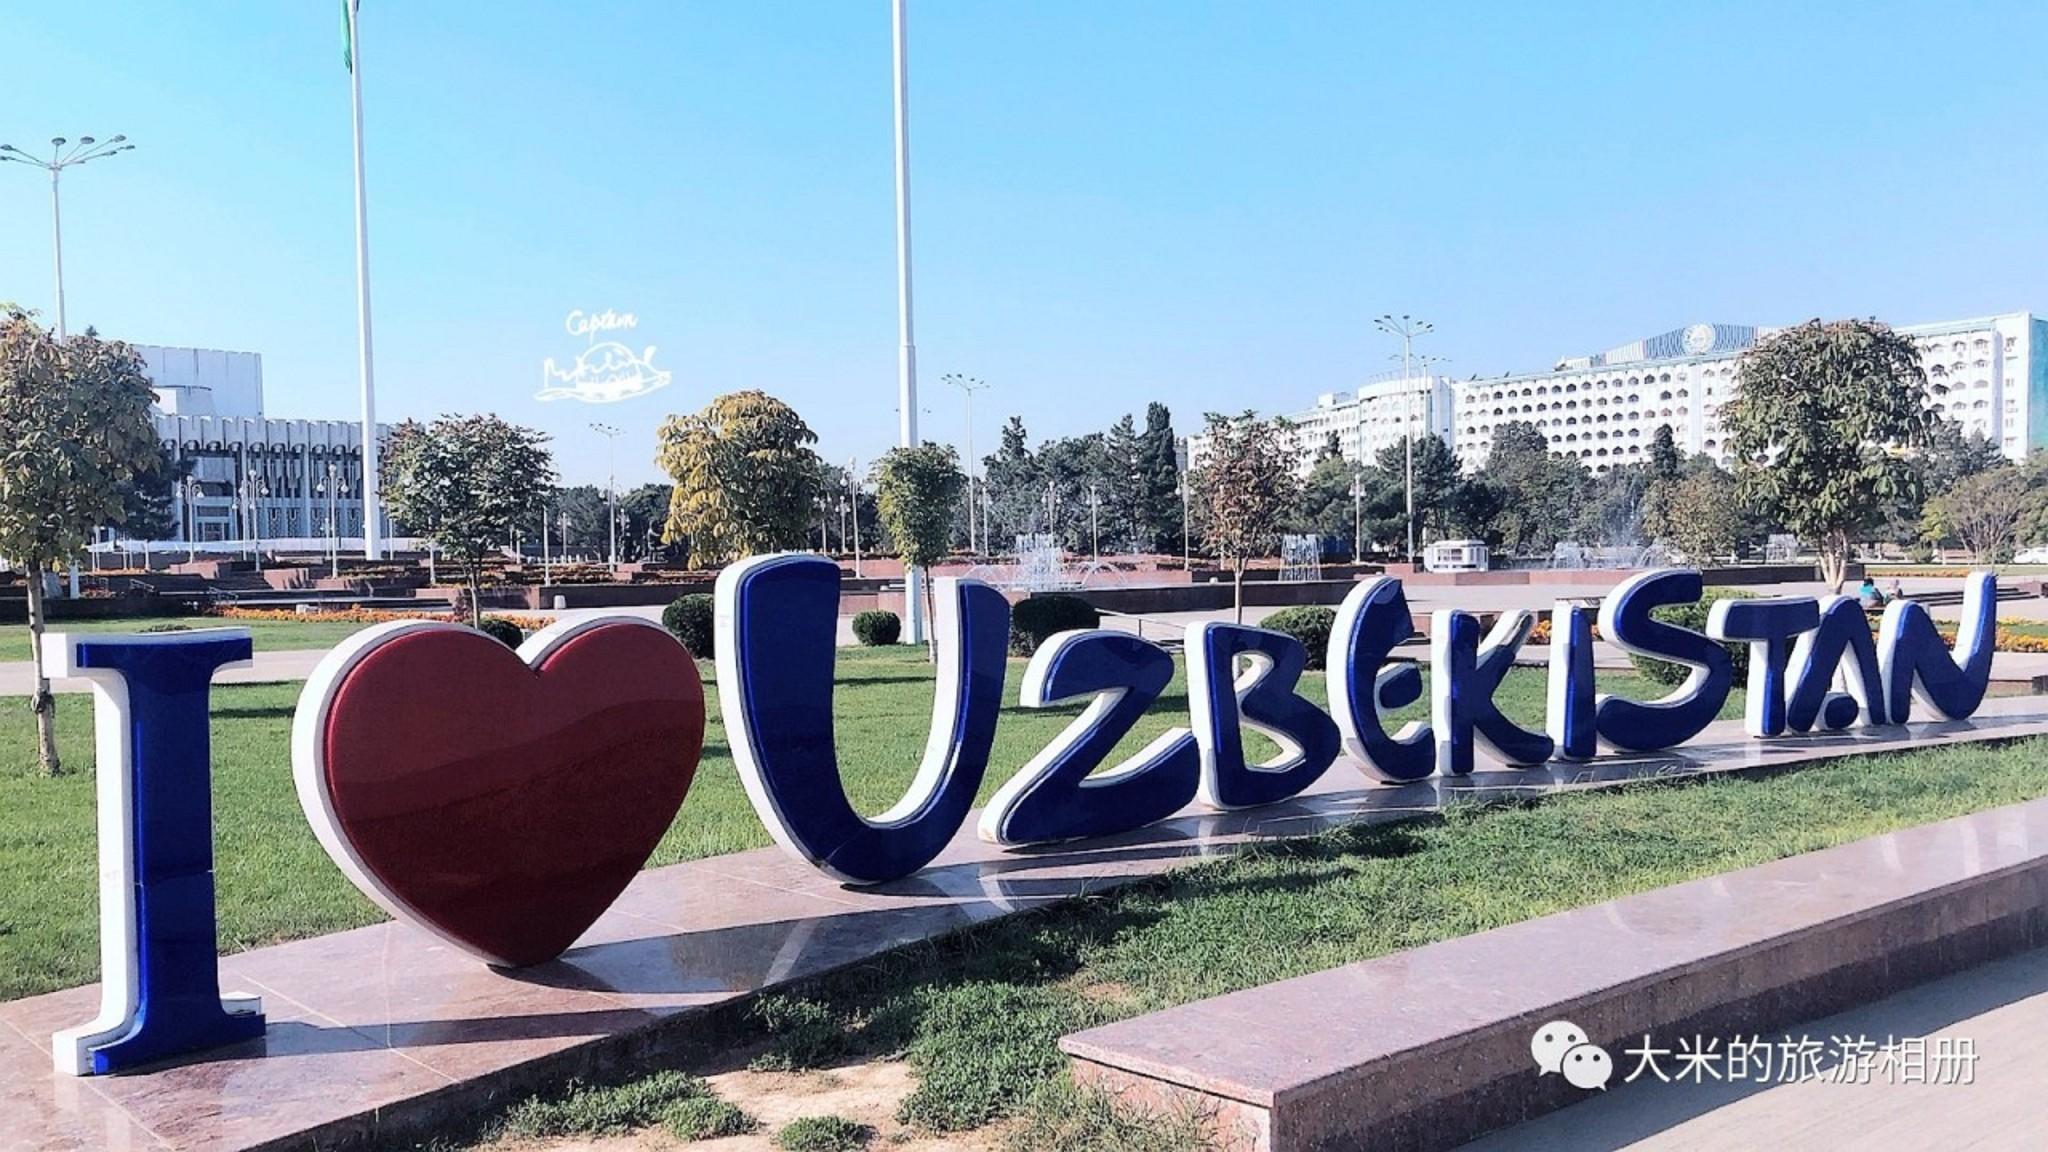 丝路中亚首站——乌兹别克斯坦(出行篇)_游记